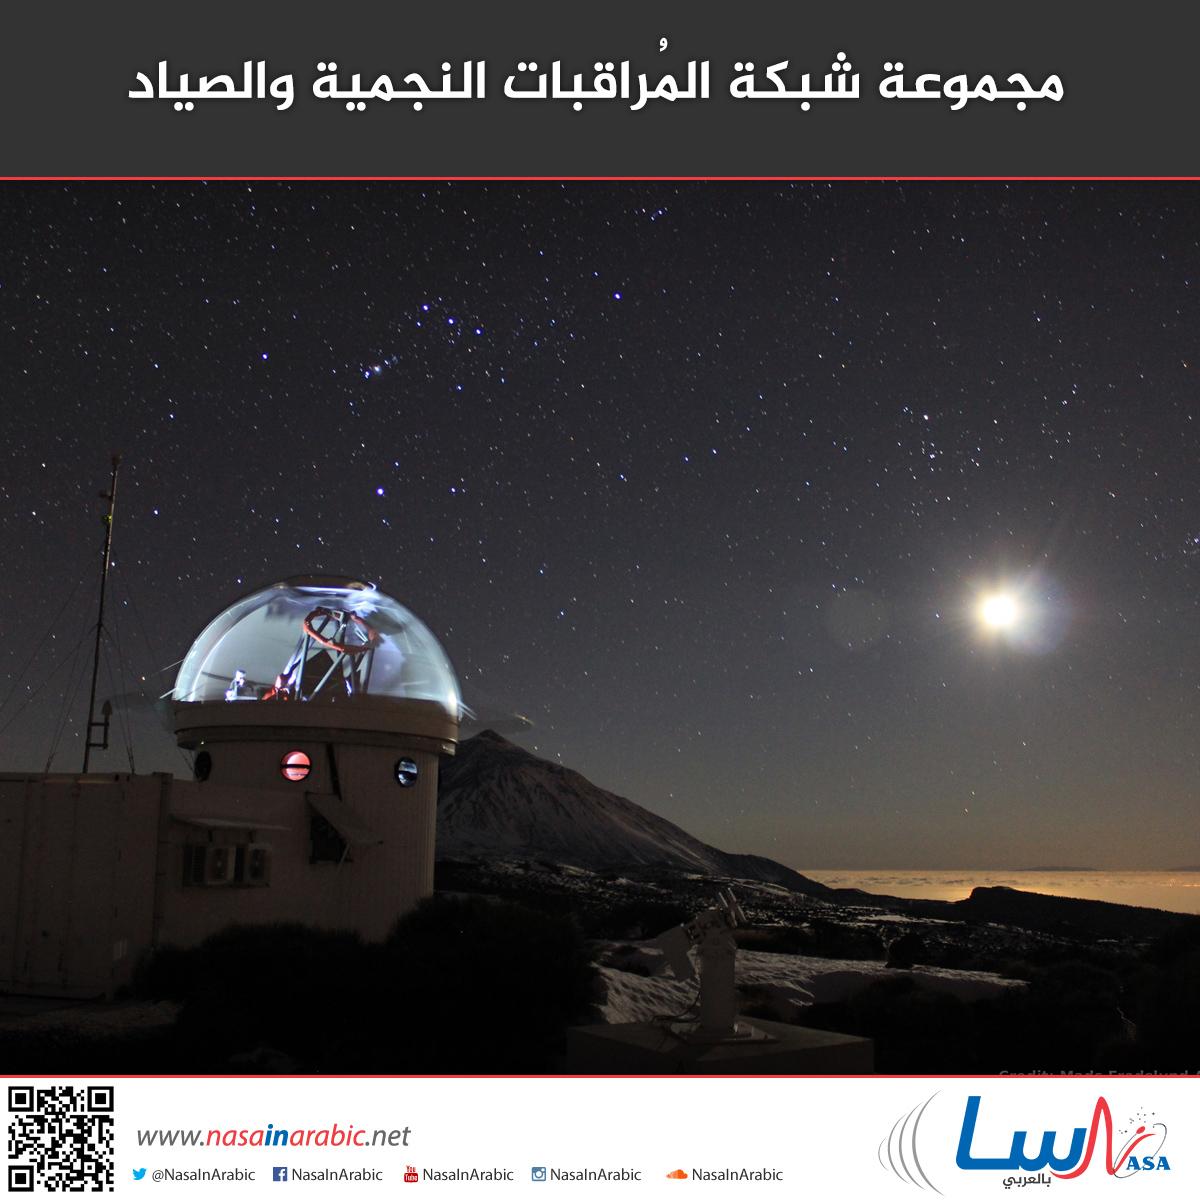 مجموعة شبكة المُراقبات النجمية والصياد